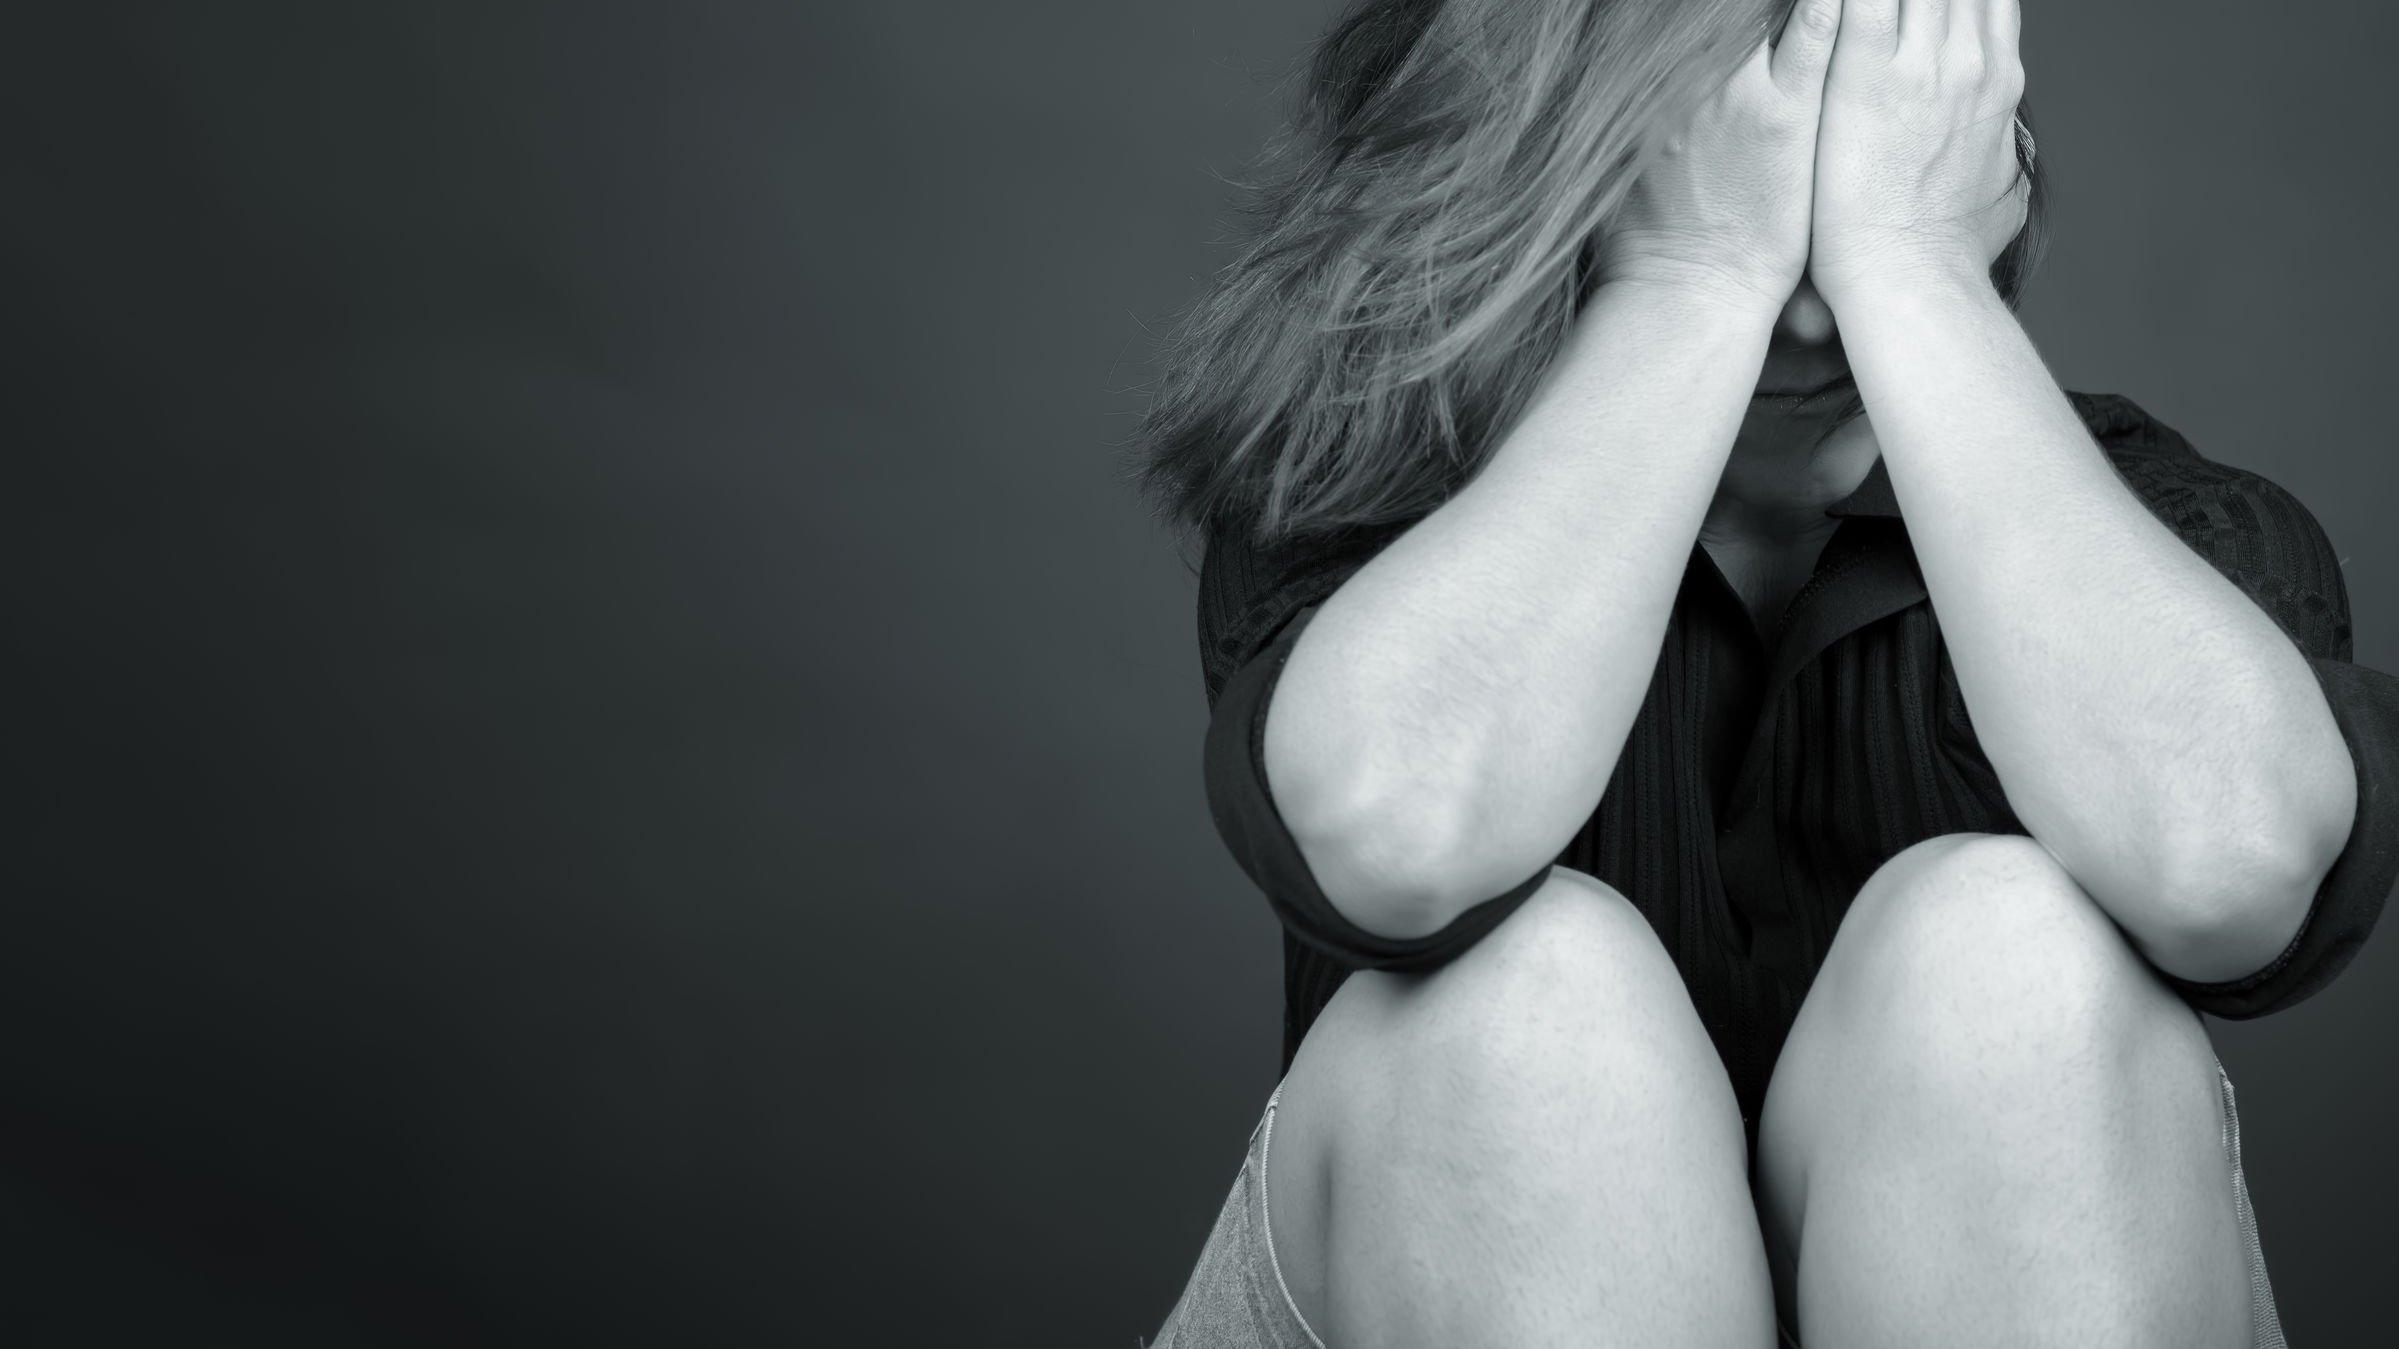 Mulher sentada no chão com as mãos em seu rosto